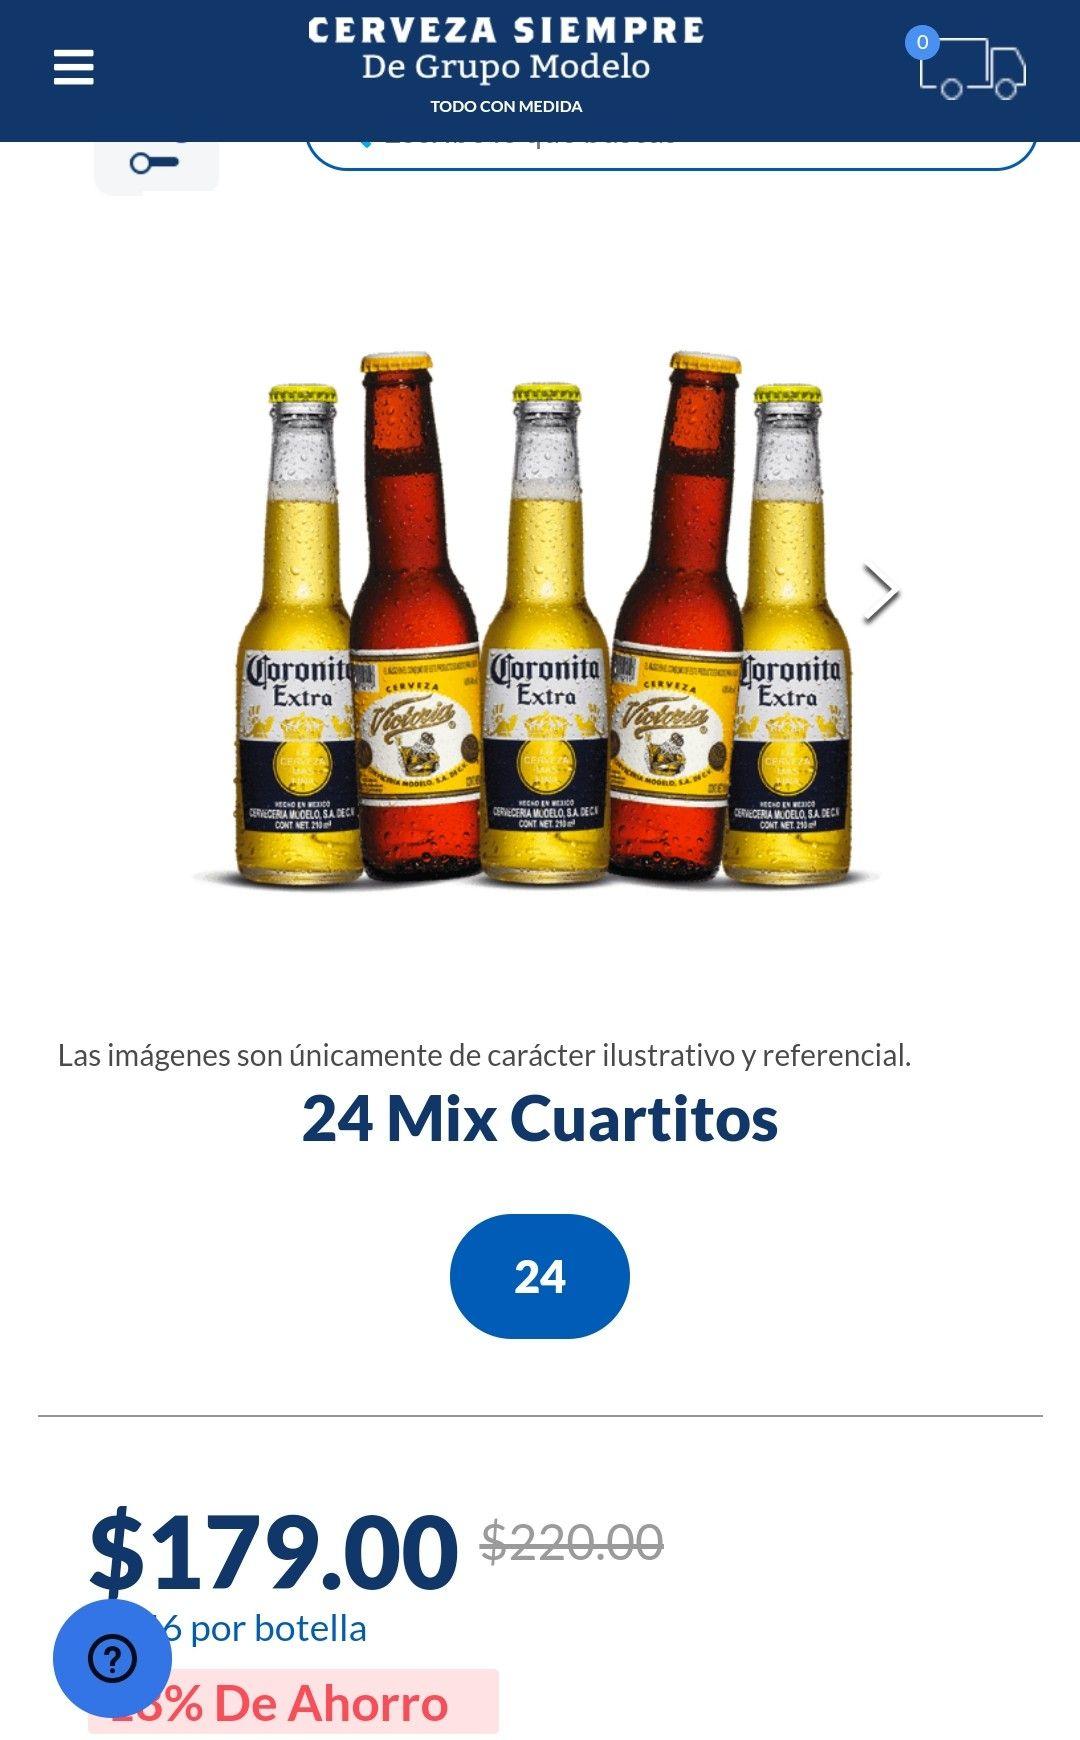 Cerveza siempre: 24 cuartitos victoria y coronita